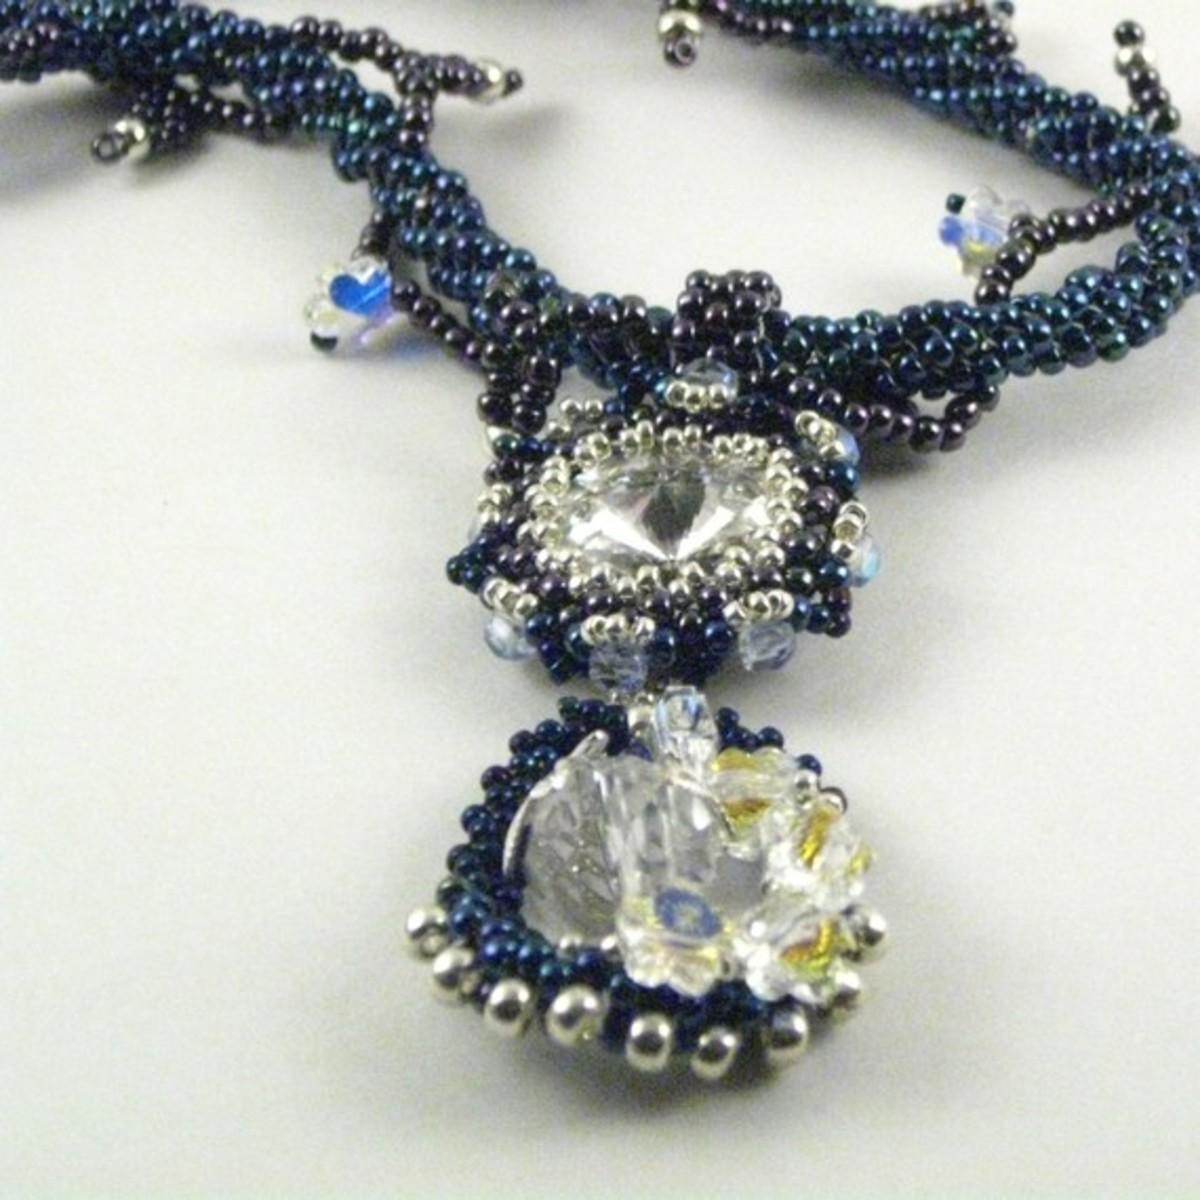 Navy Teardrop Pendant Necklace with Swarovski Crystals